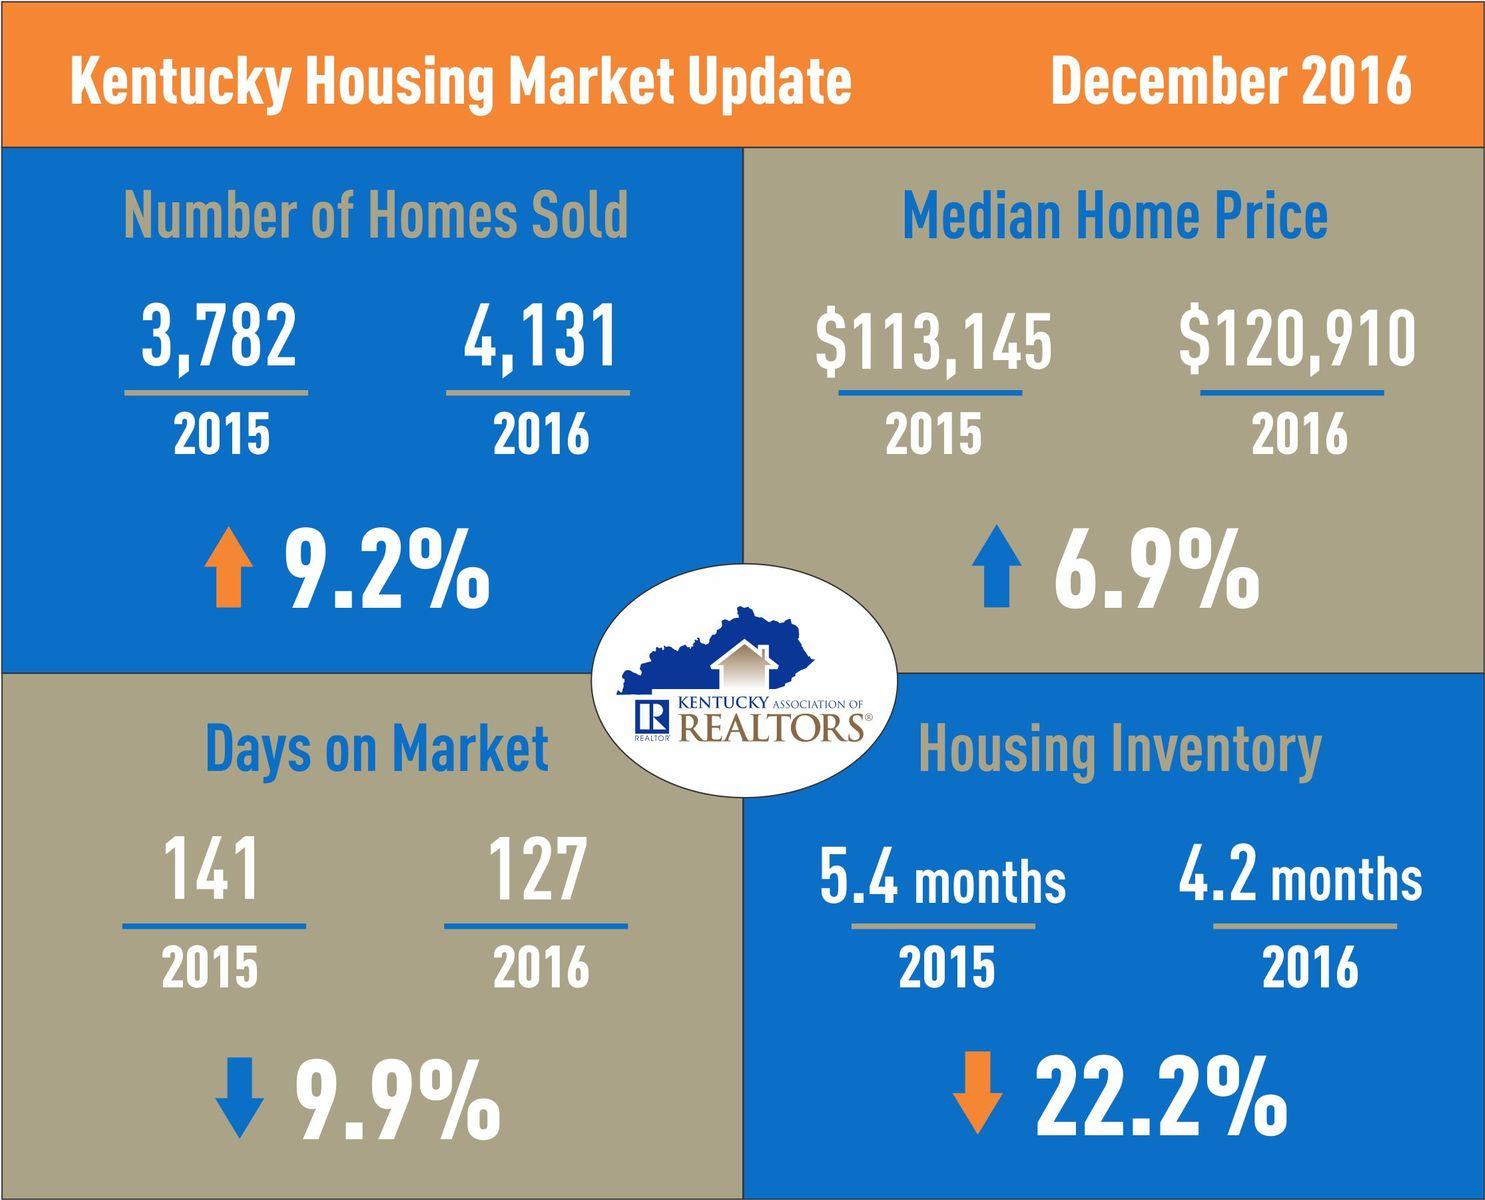 Kentucky Housing Market Update December 2016